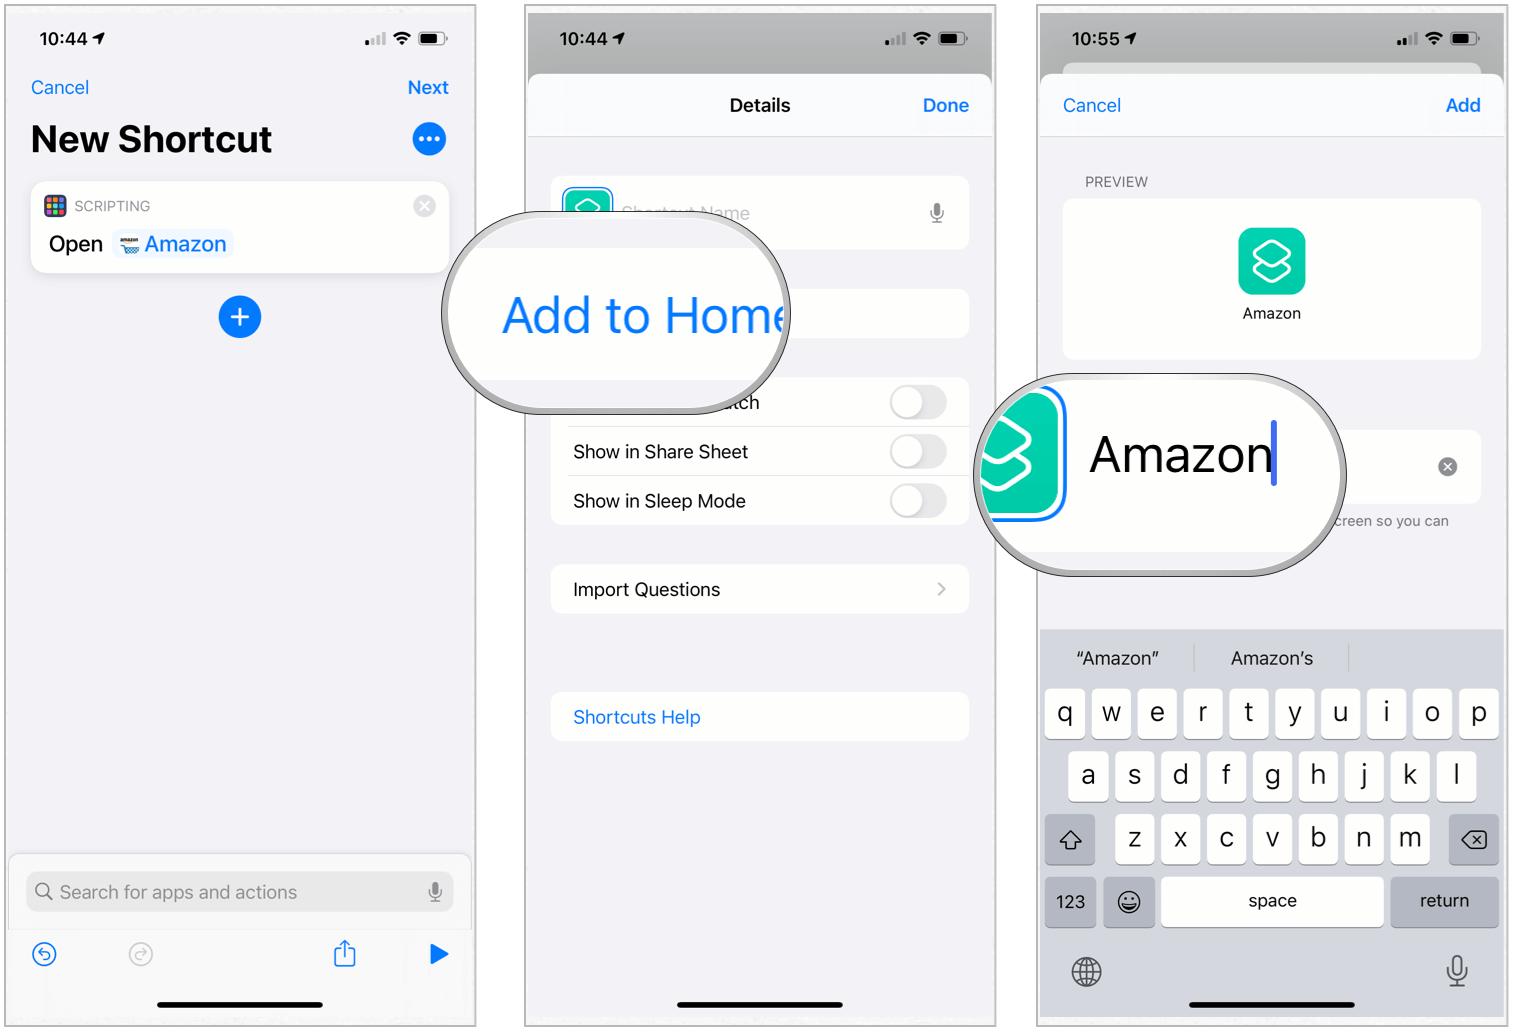 Shortcuts change app